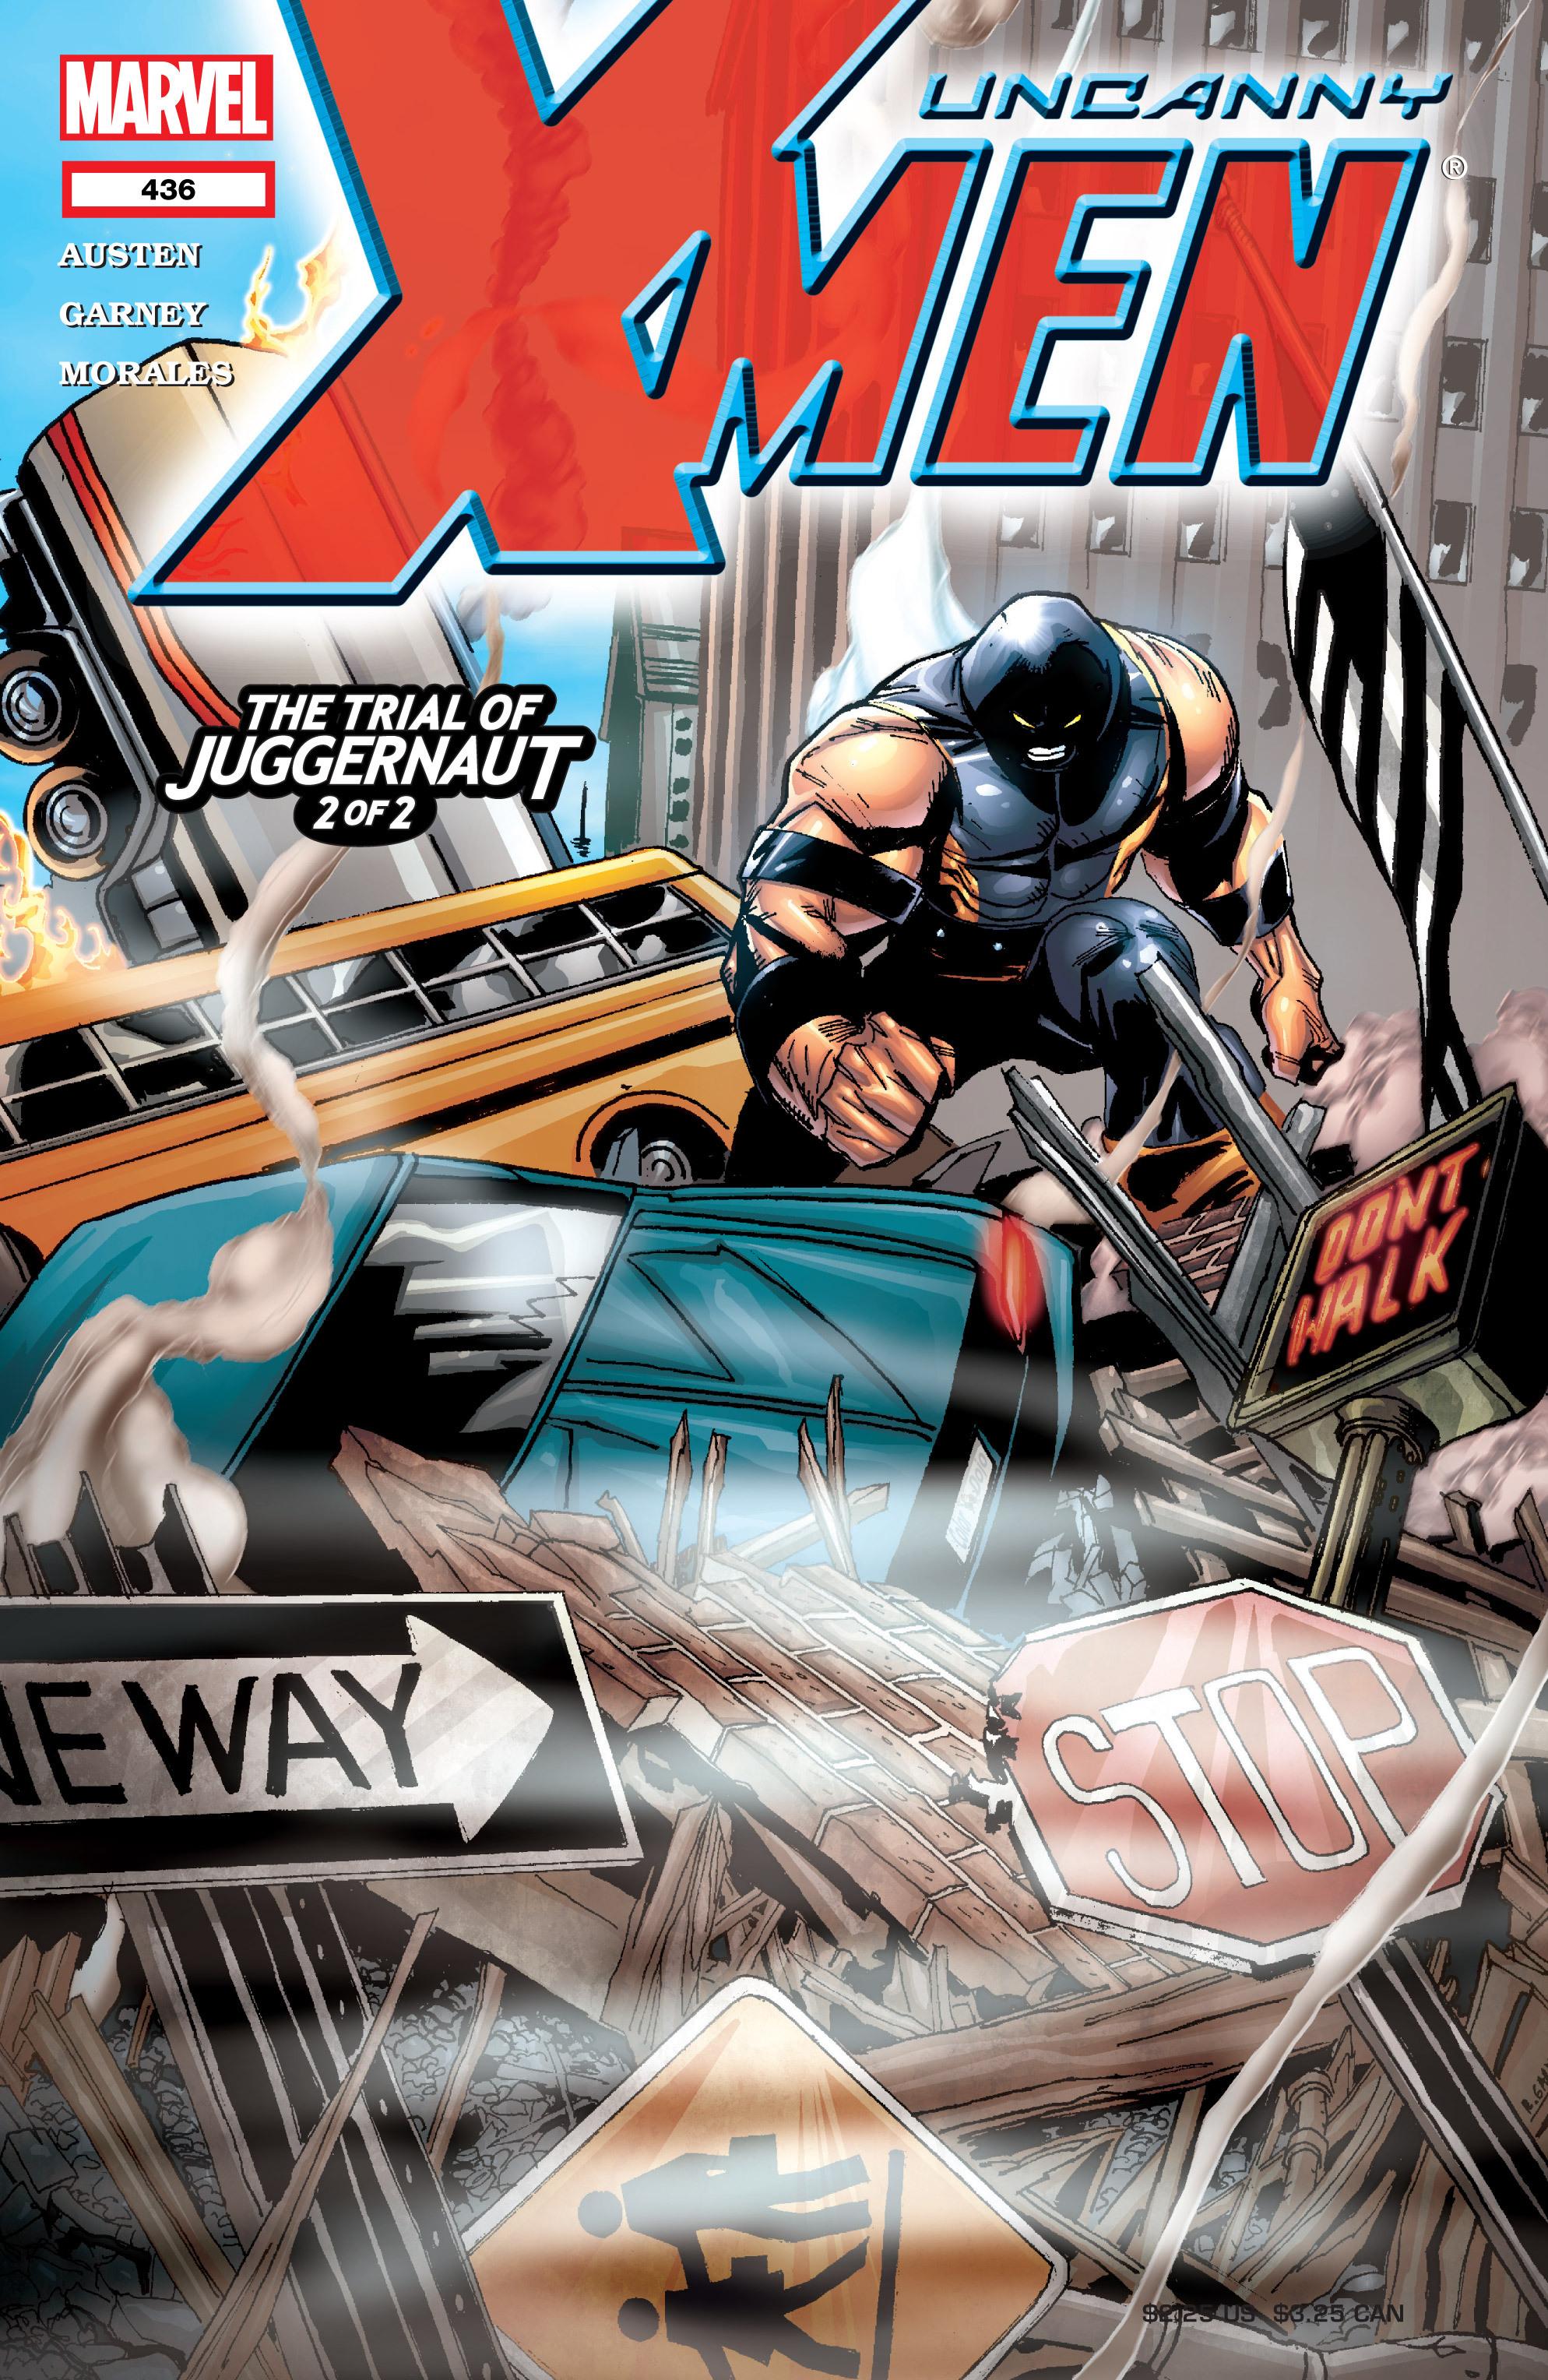 Read online Uncanny X-Men (1963) comic -  Issue #436 - 1